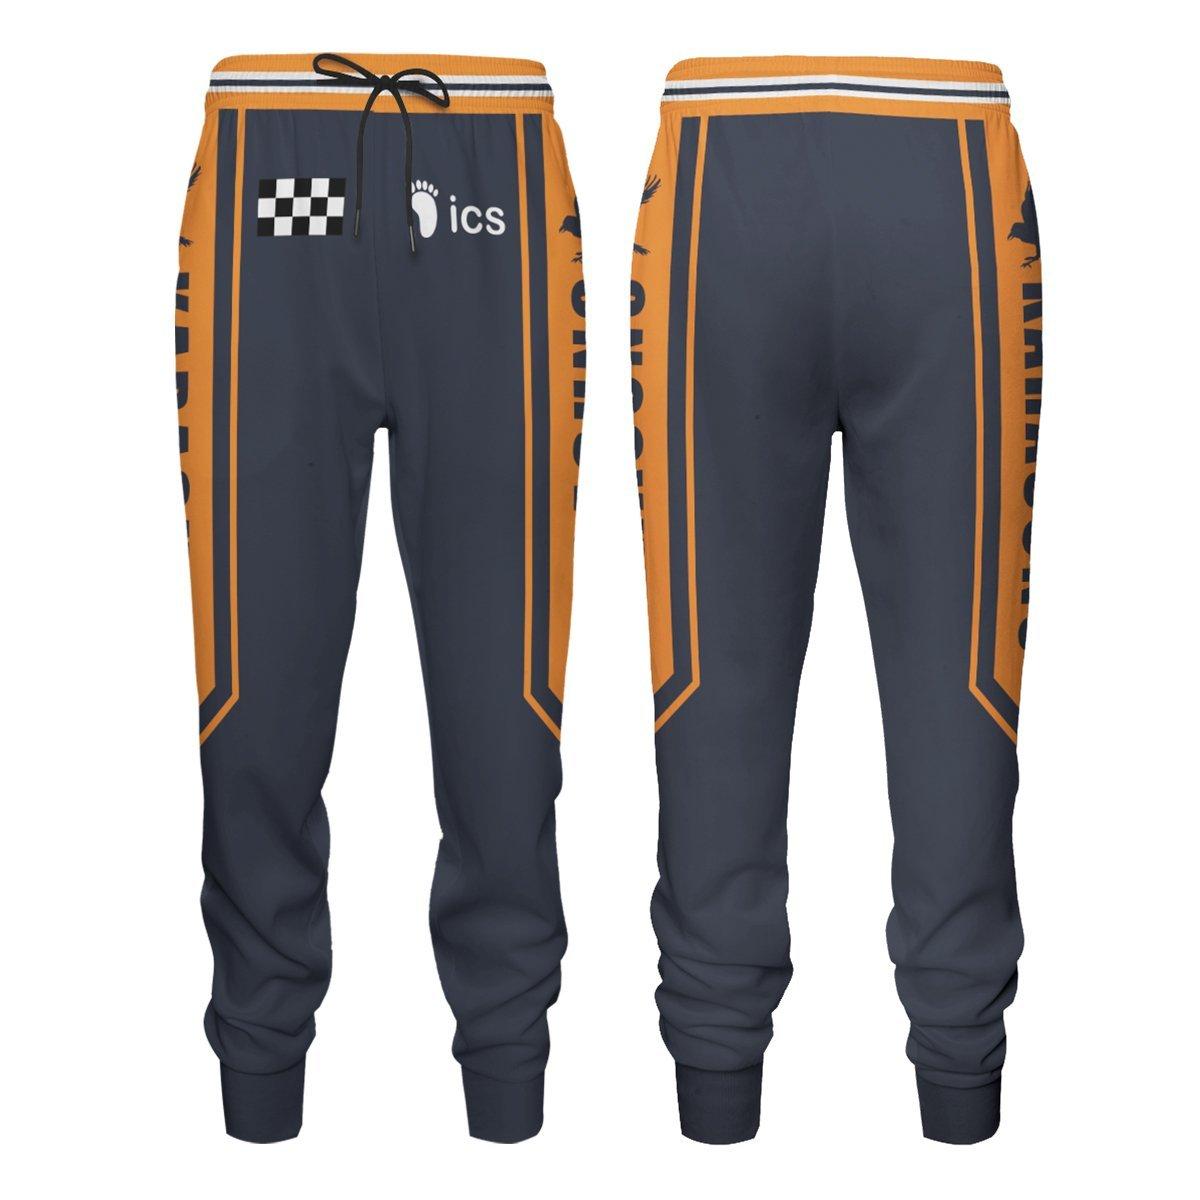 F1 Karasuno Jogger Pants Official Merch FDM3009 S Official Otaku Treat Merch